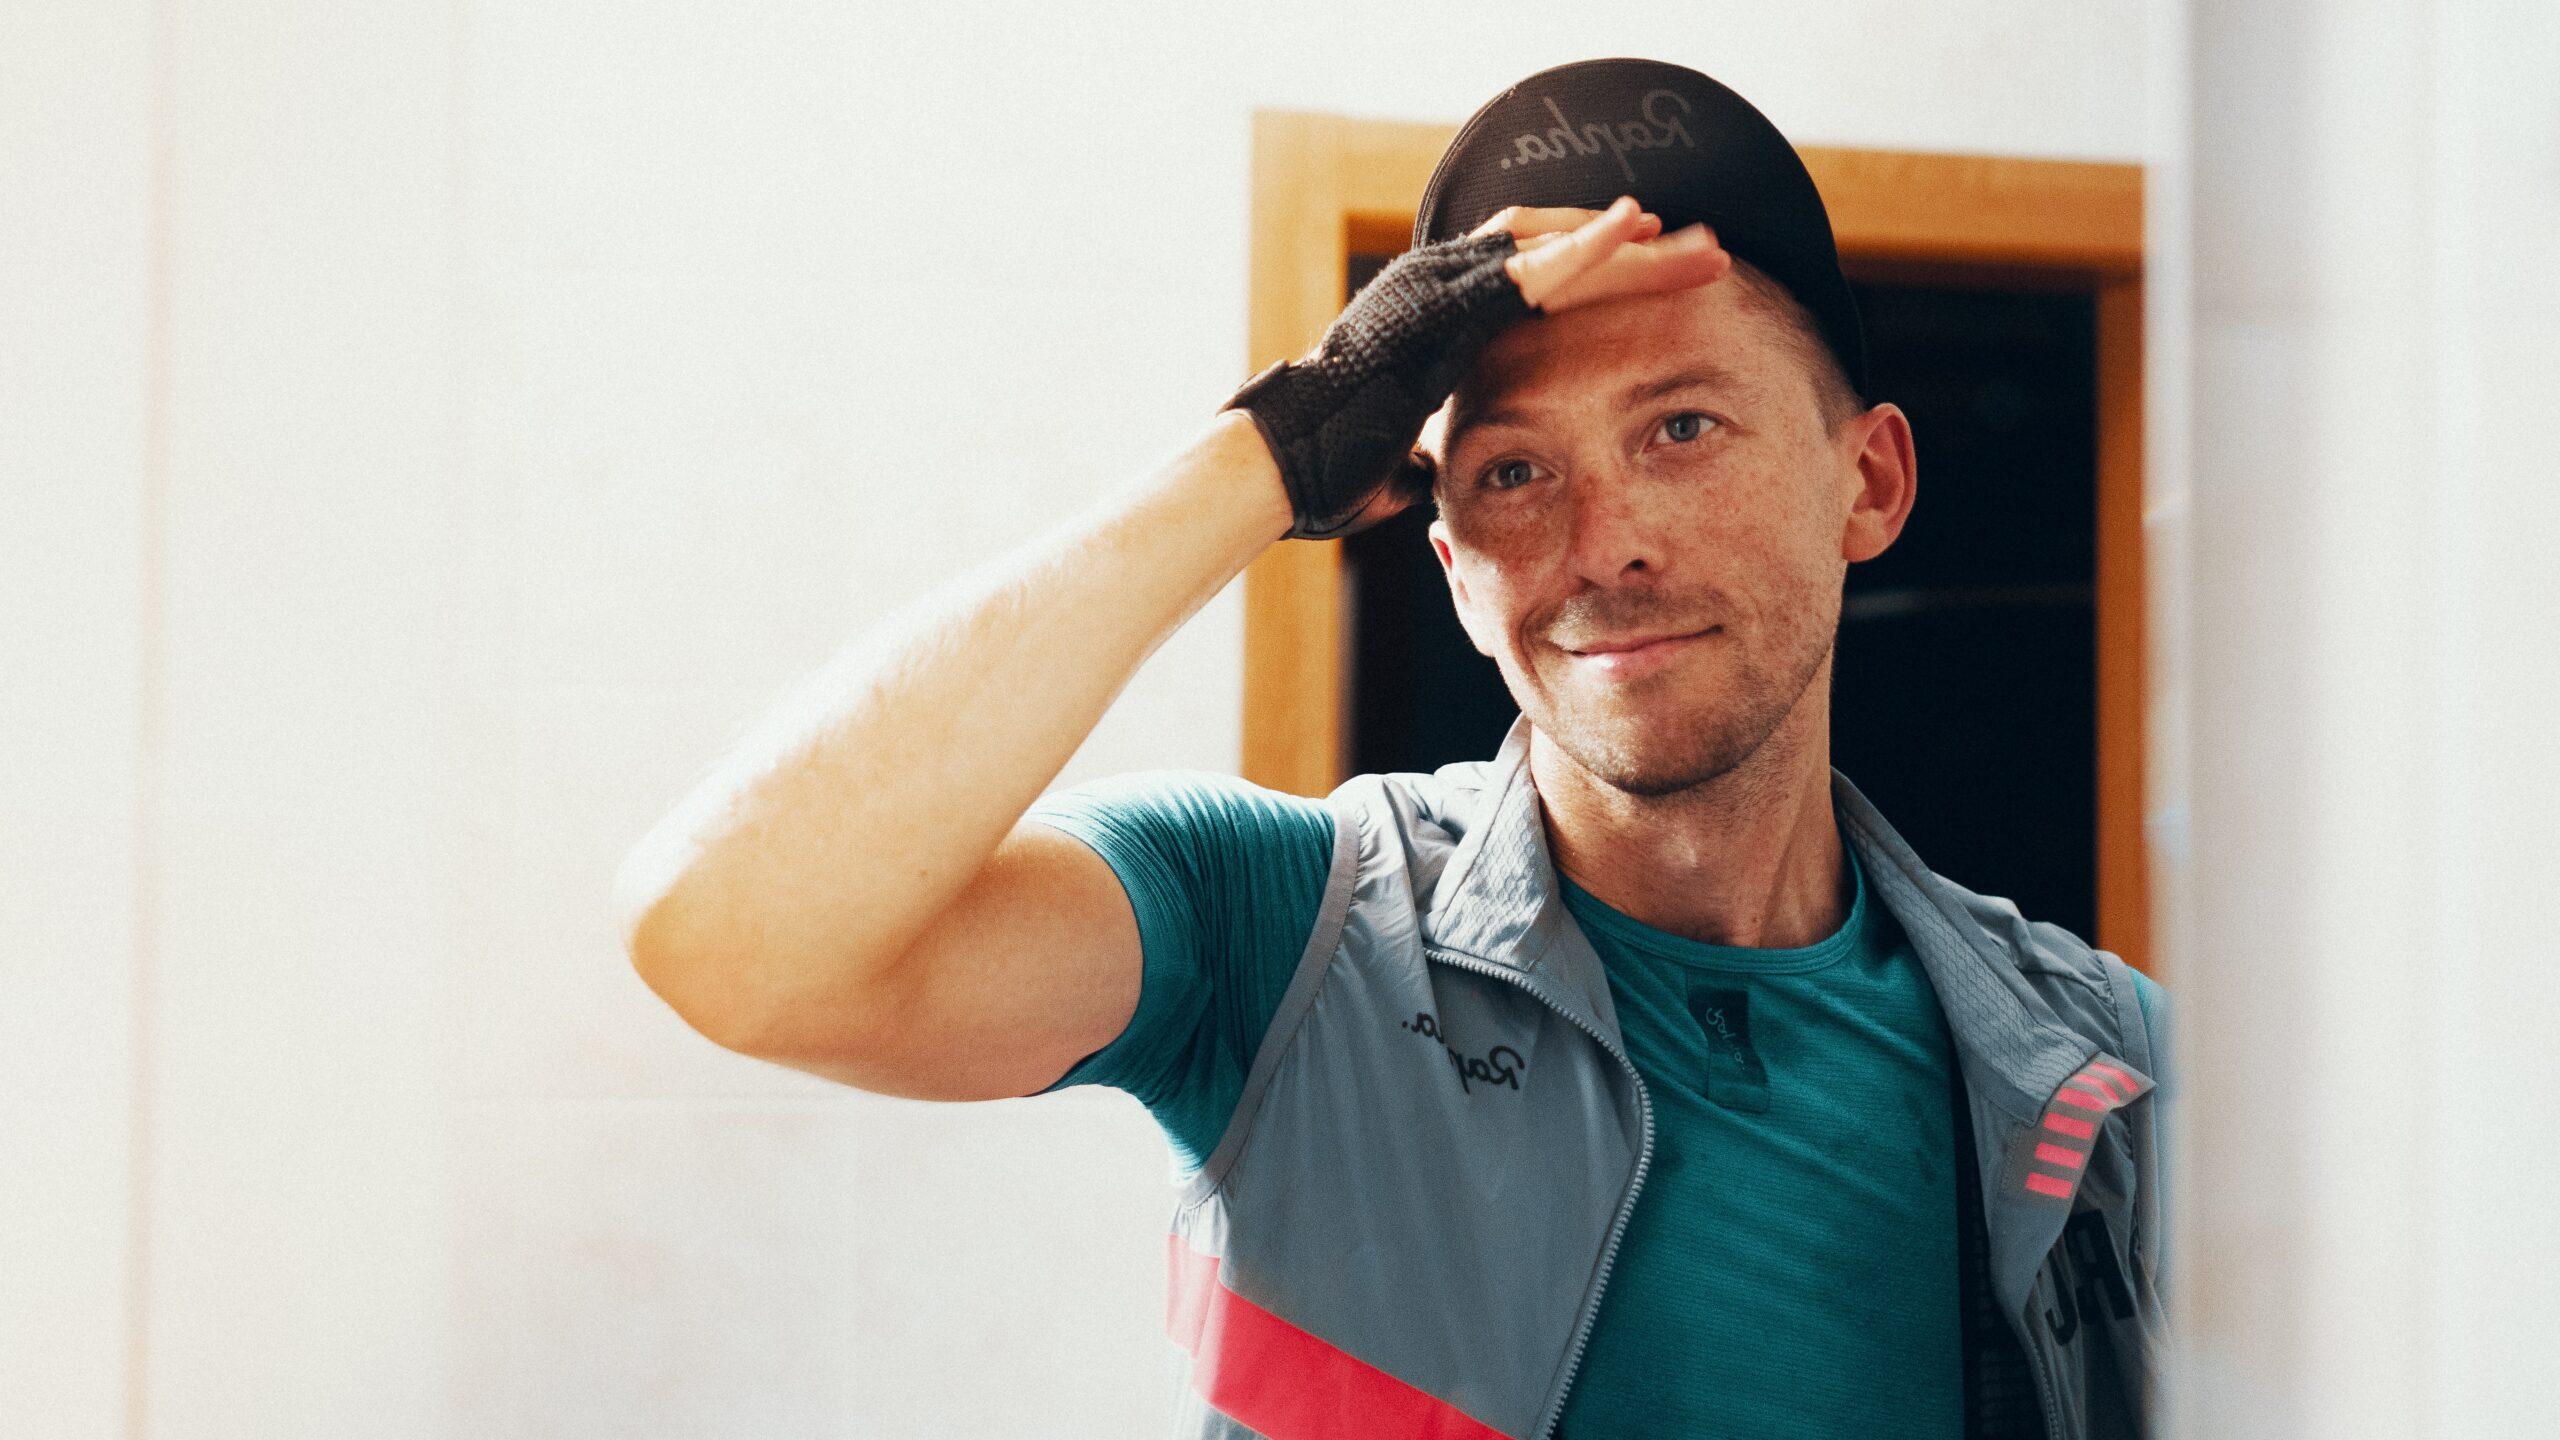 Ci si può allenare tutti i giorni in bici?